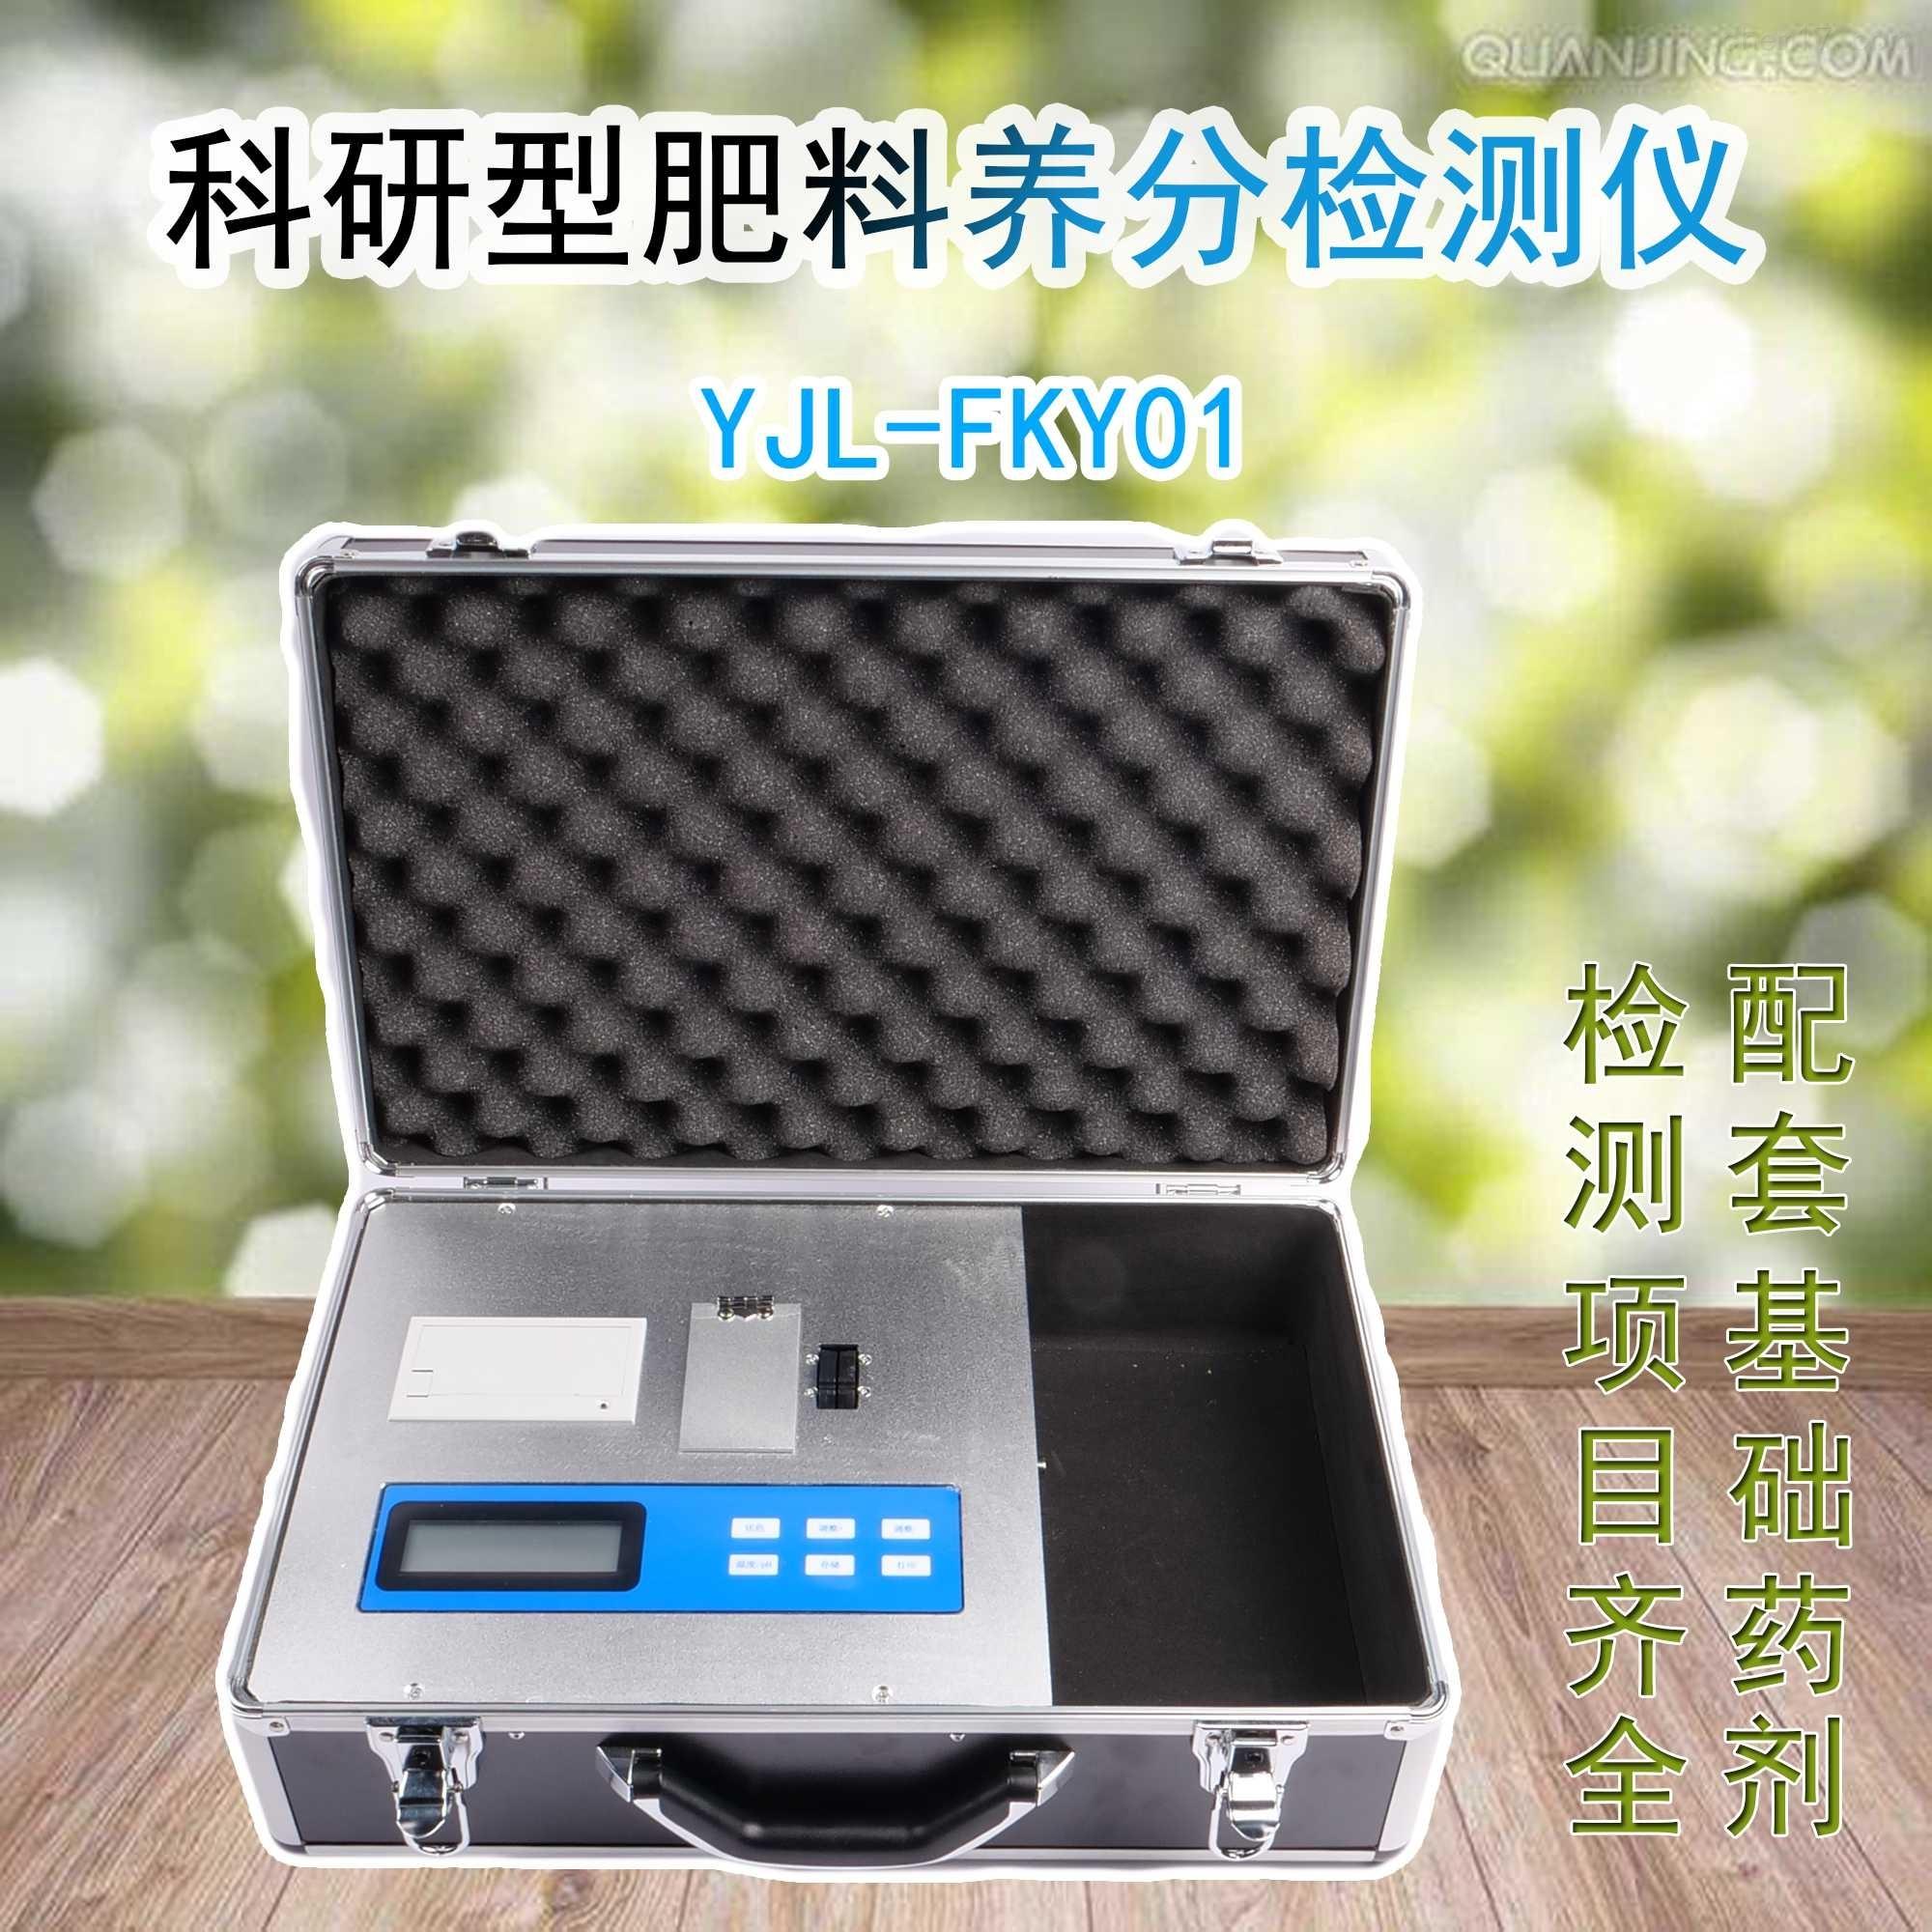 YJL-FKY01科研型肥料养分检测仪